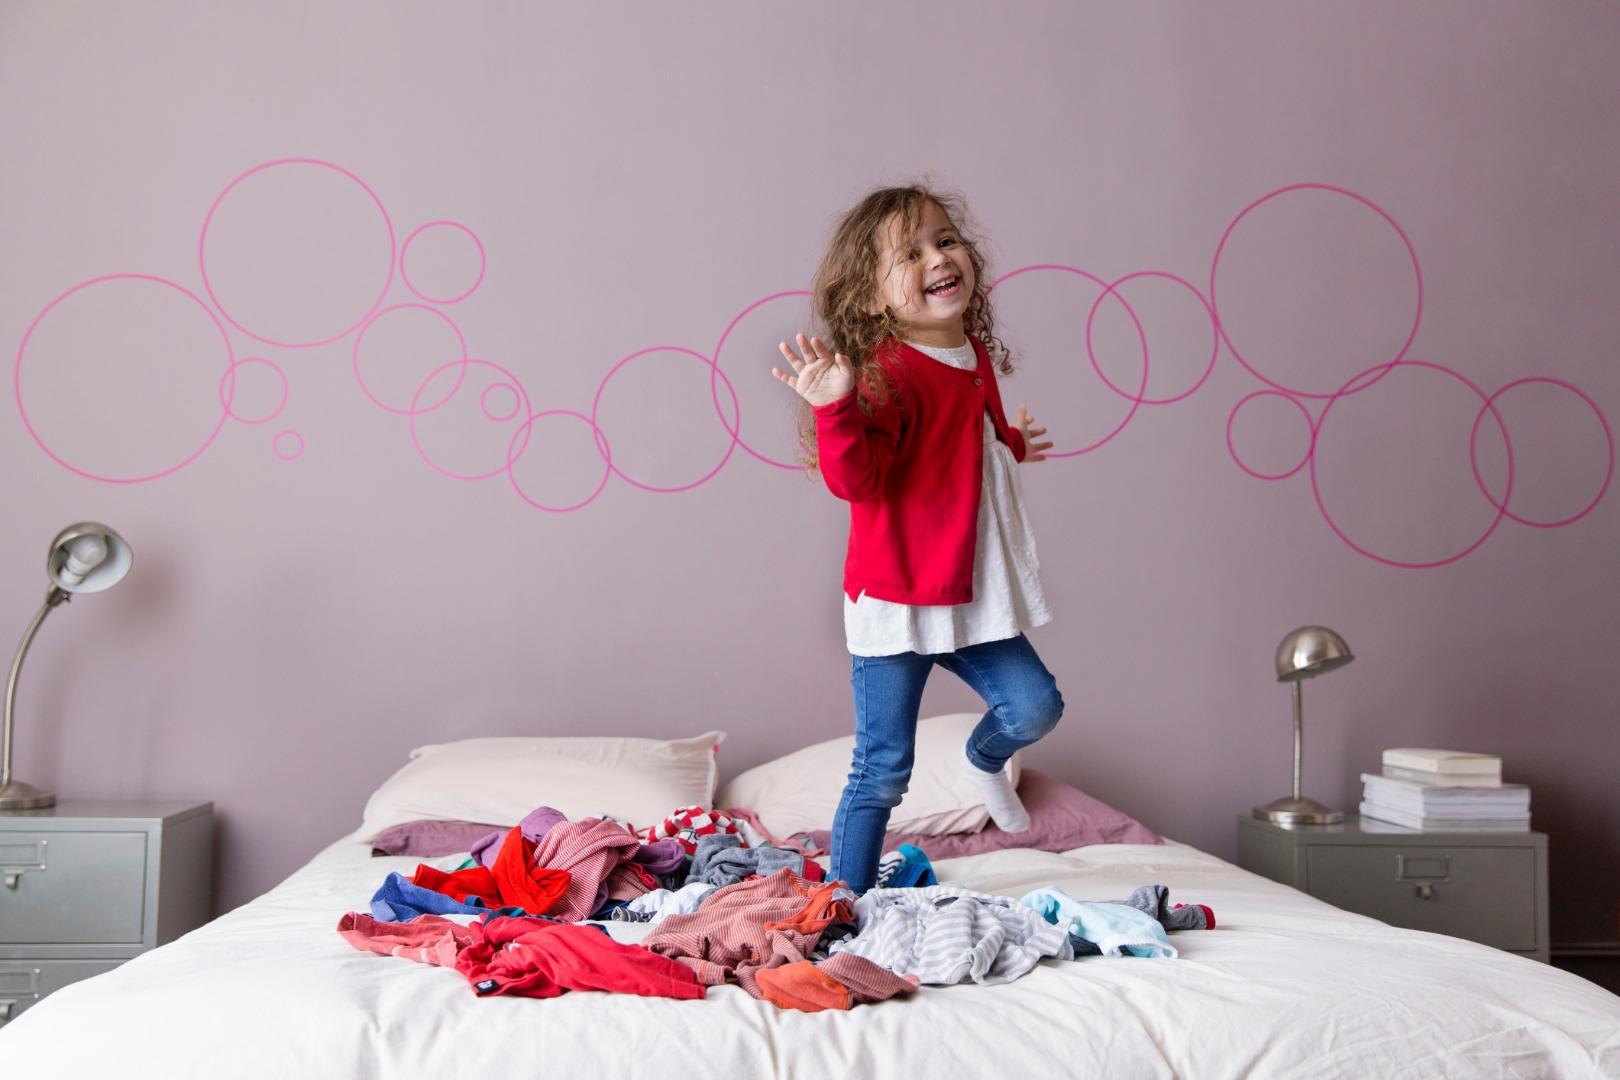 День независимости: почему нас злит детская самостоятельность?